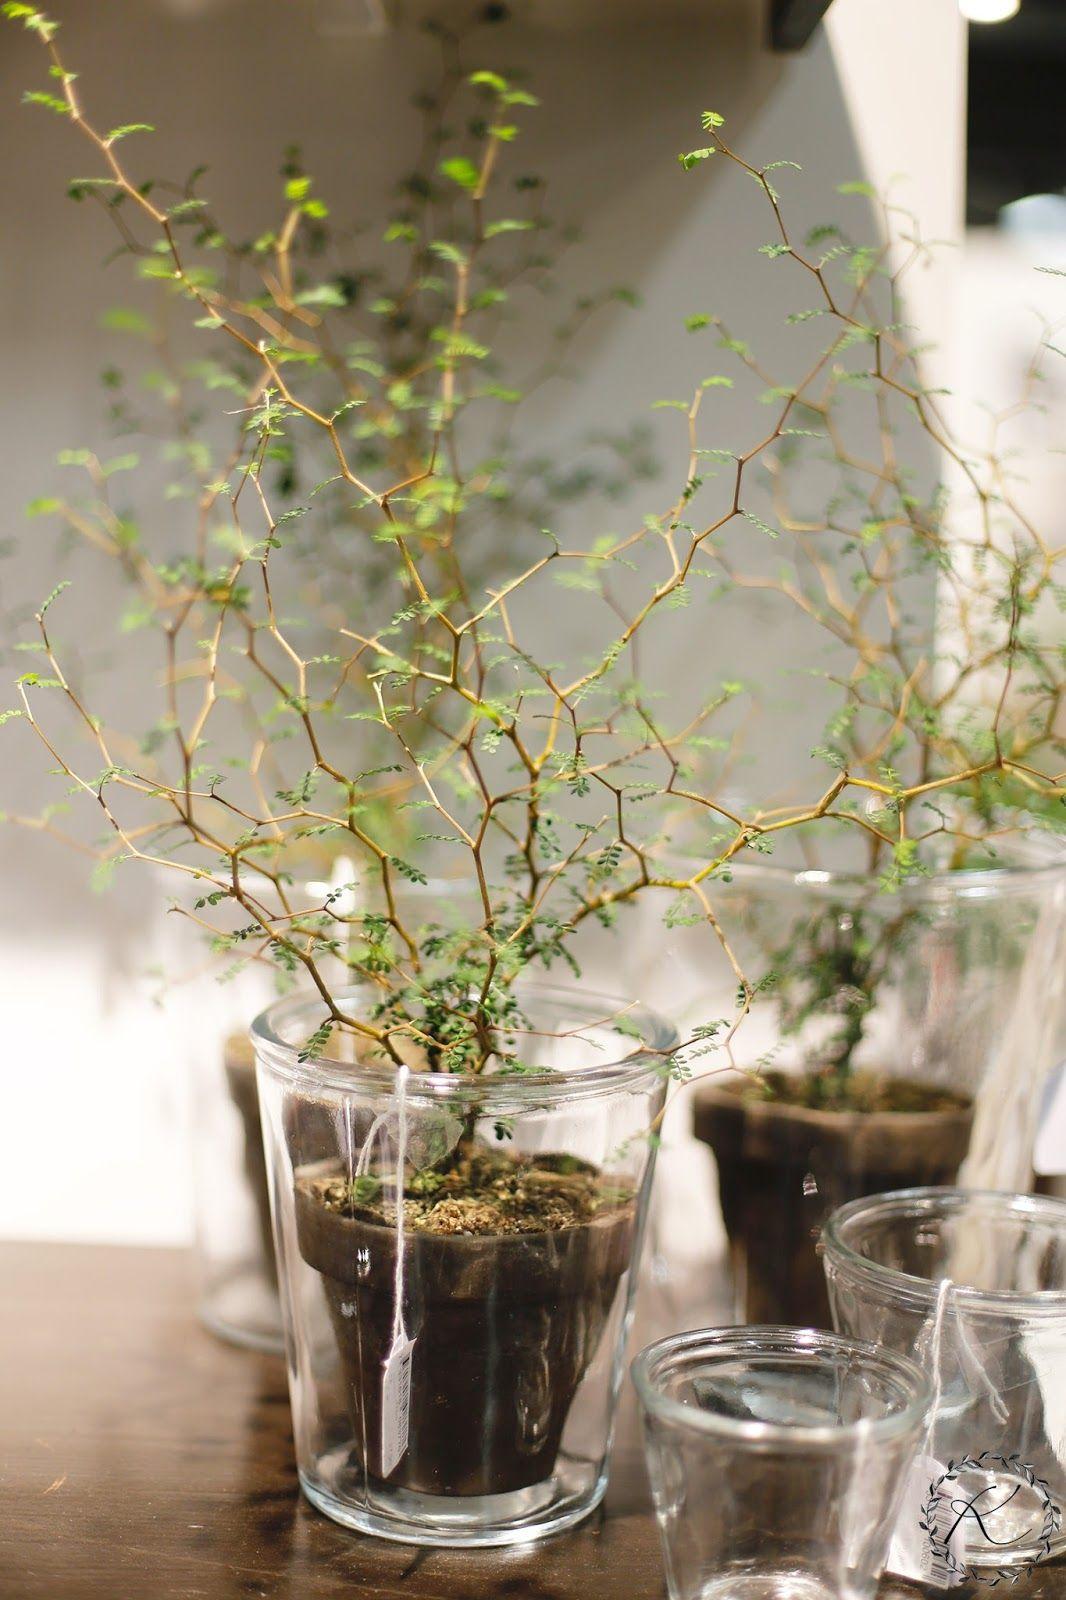 Balkongarten Best Of formexin Satoa 2 2 Habitarelippuarvonta